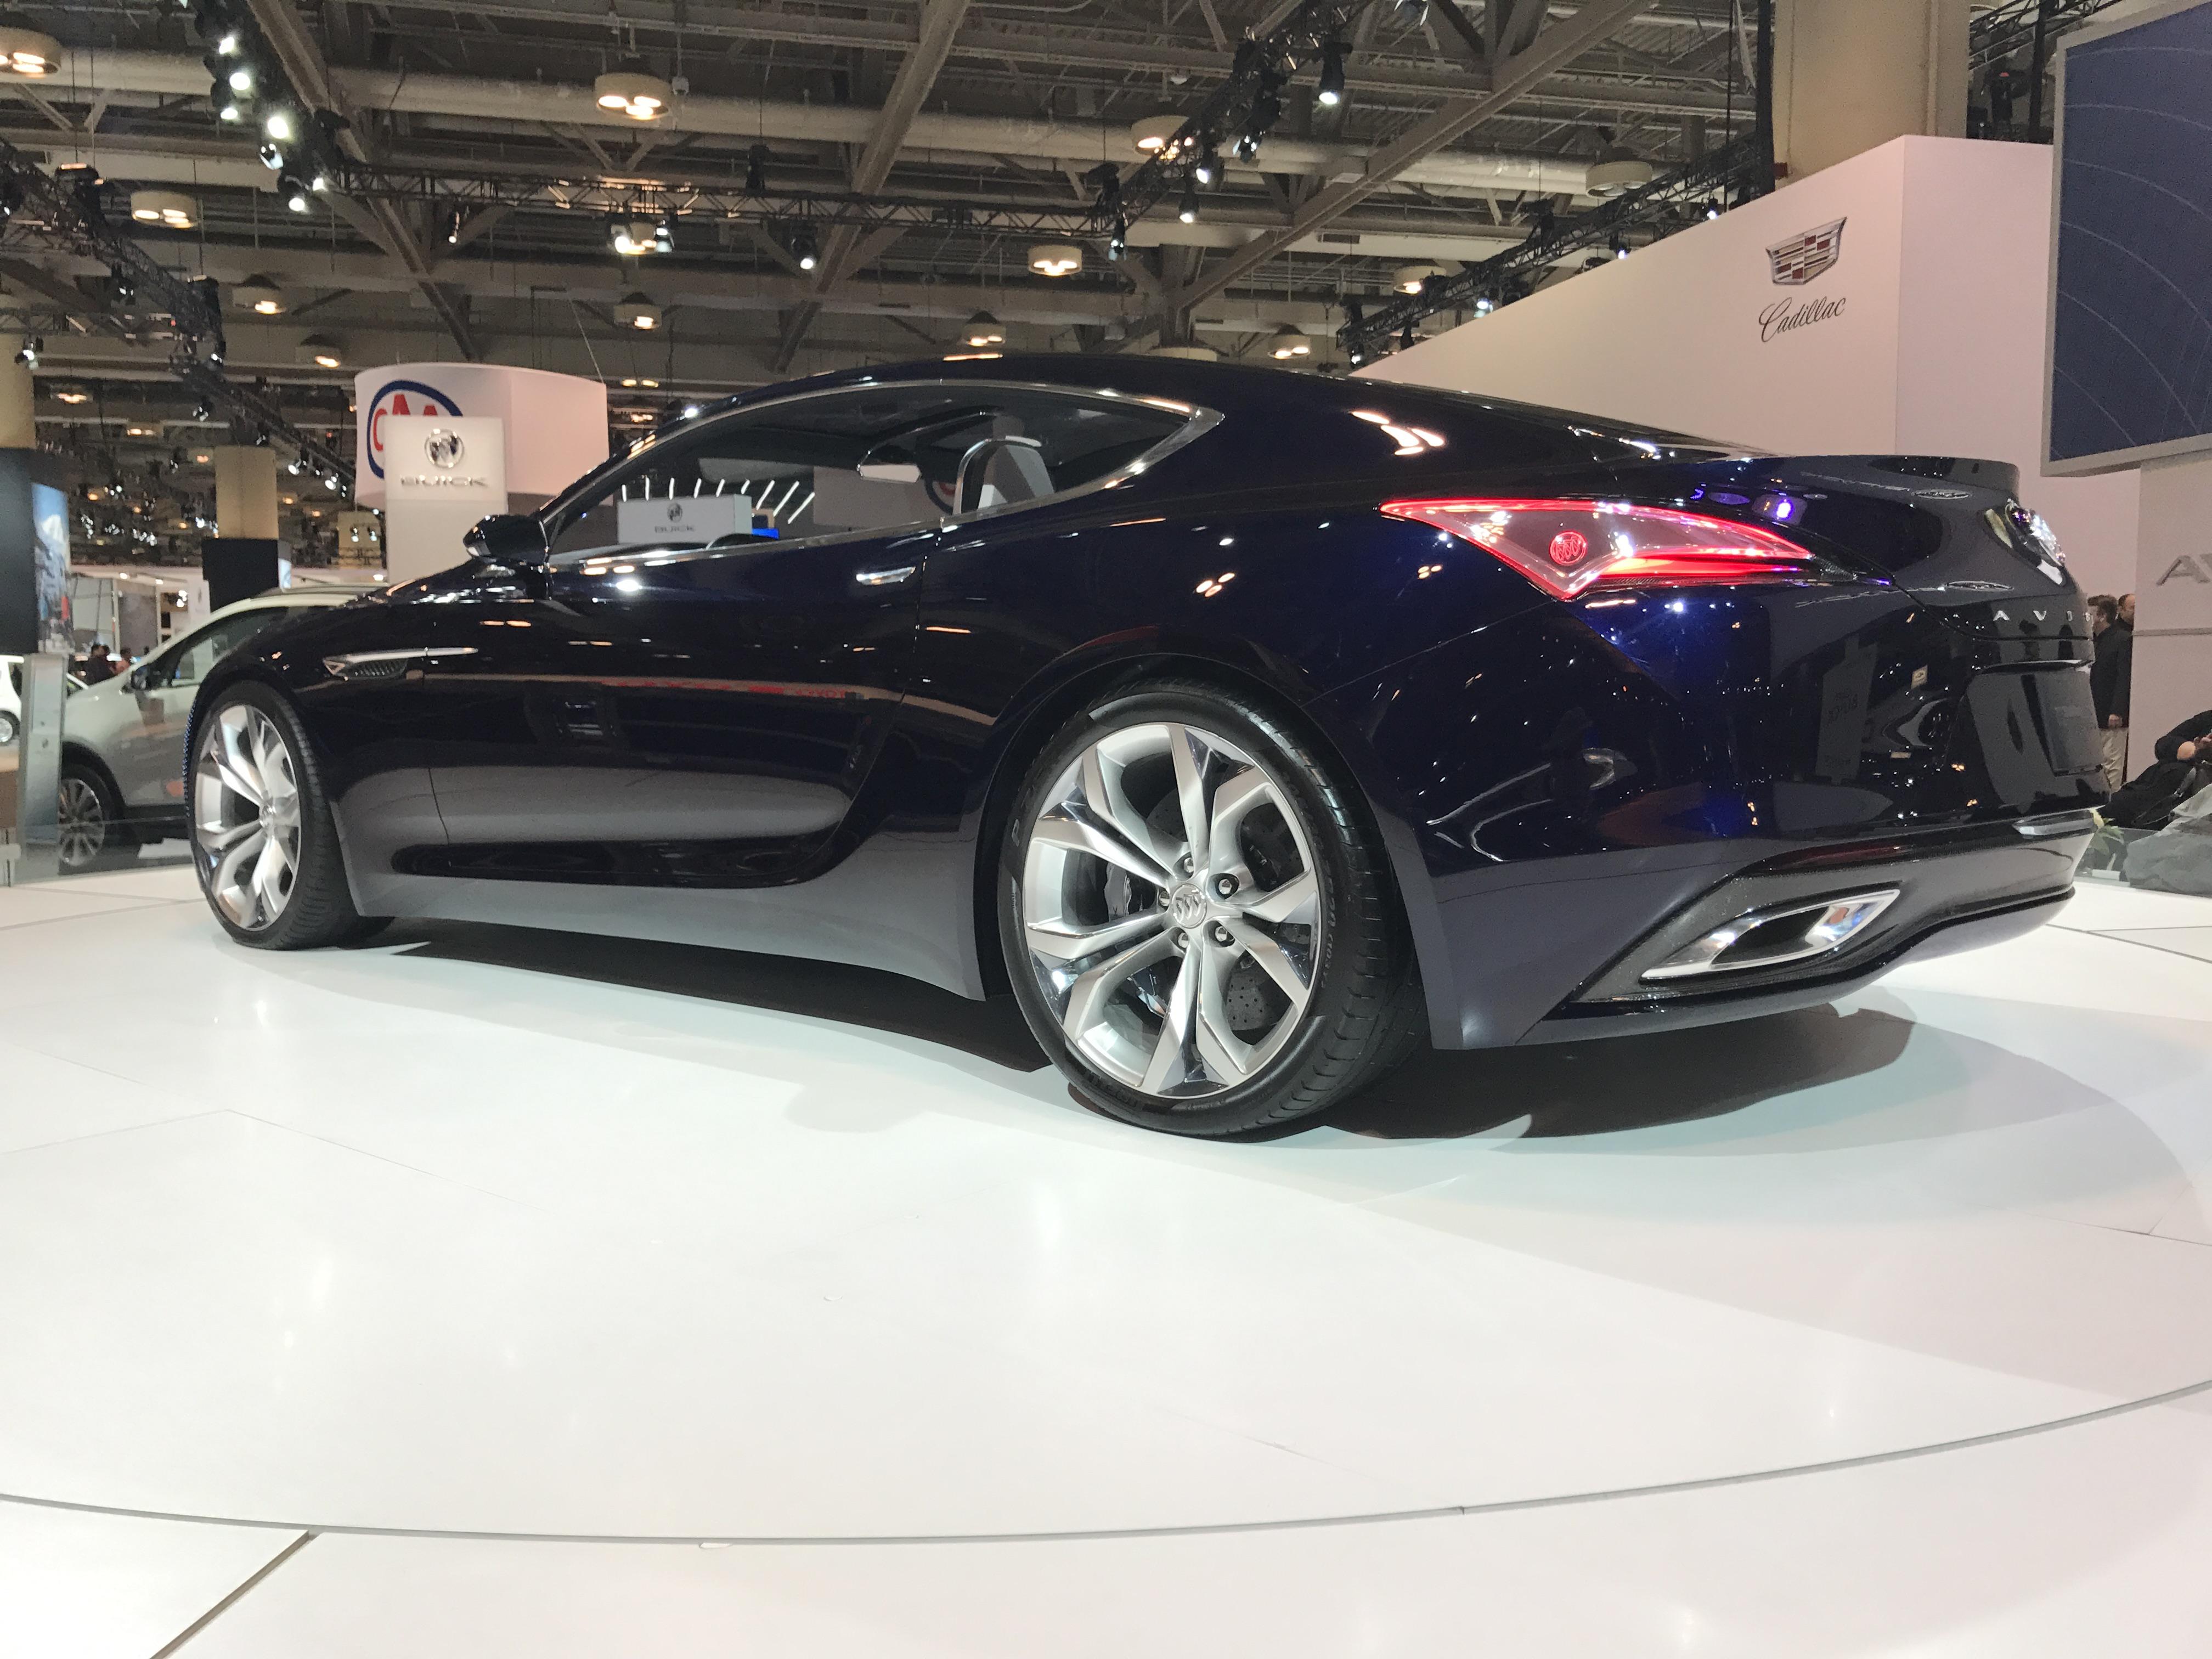 Buick - Canadian International Autoshow #CIAS2017